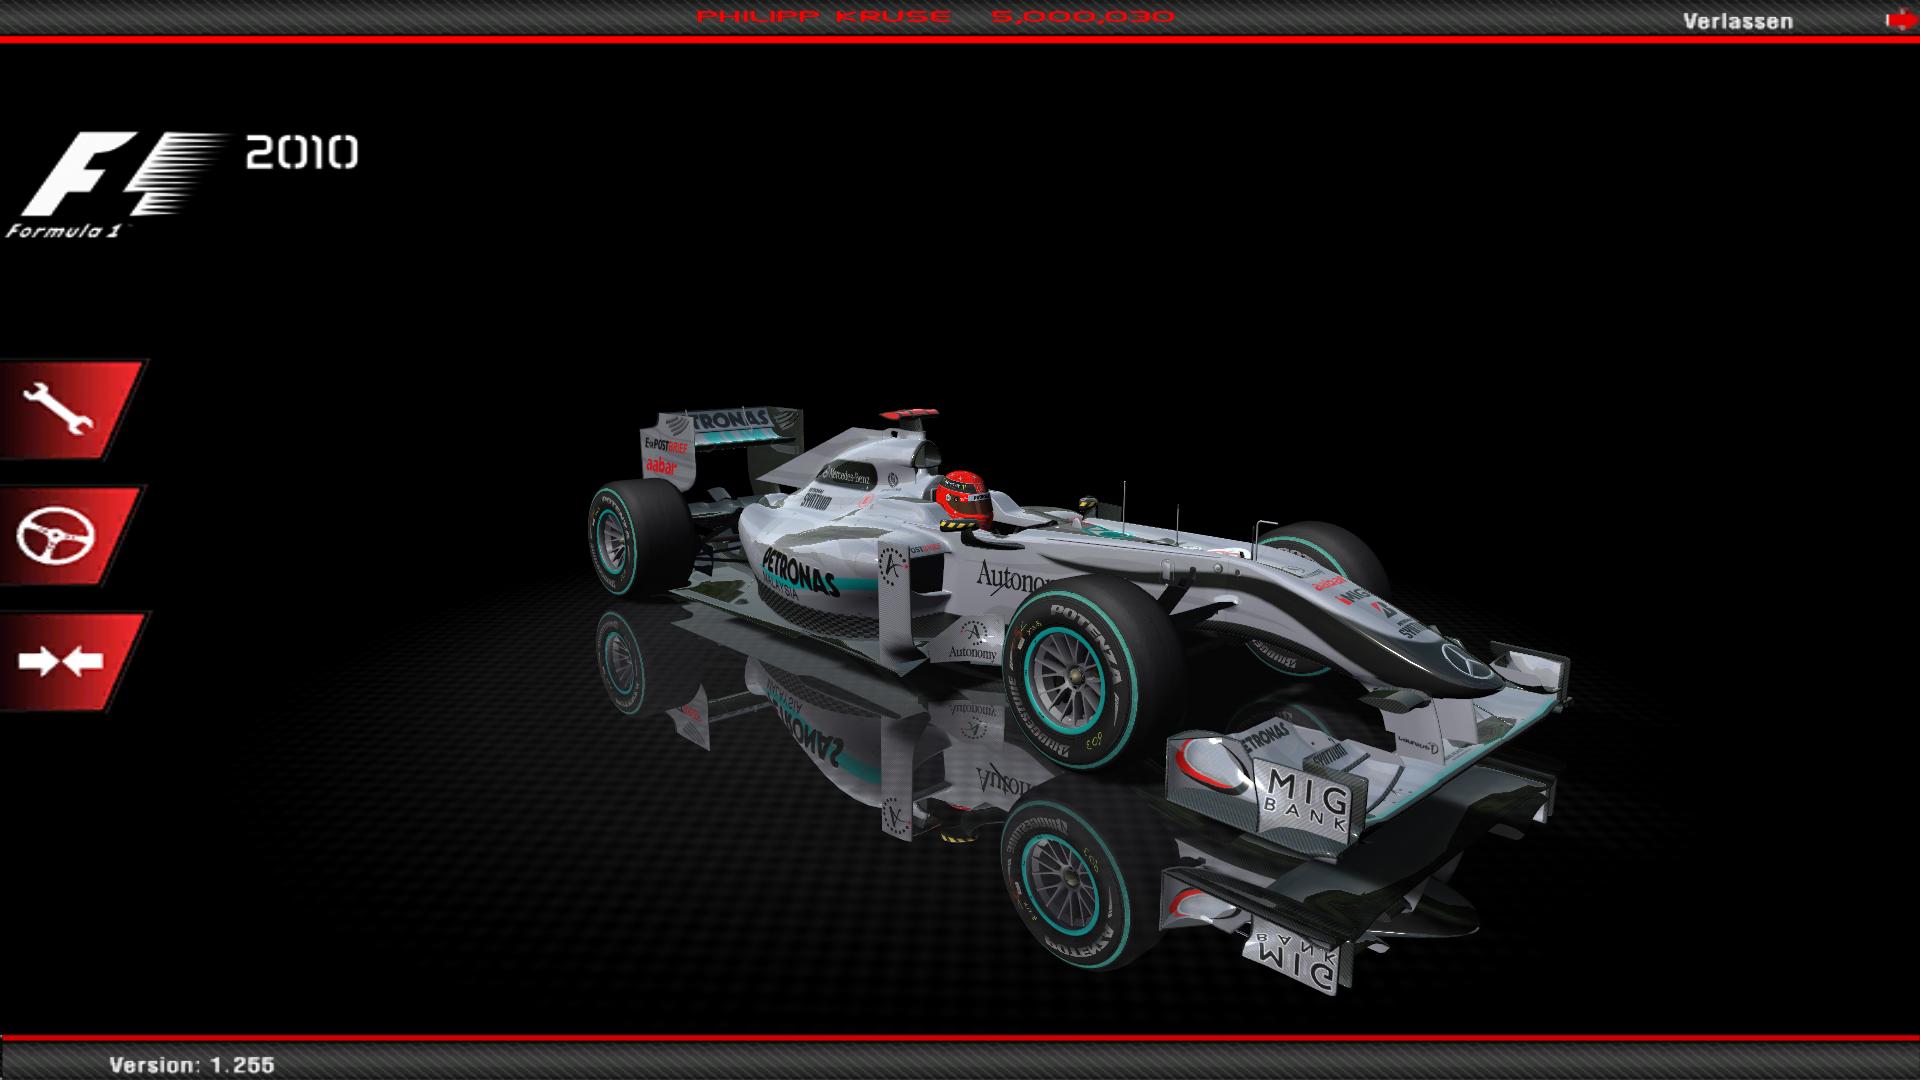 F1 2010 LE - Mod a utilizar en el server. 02_mercedes_shaderyhsc